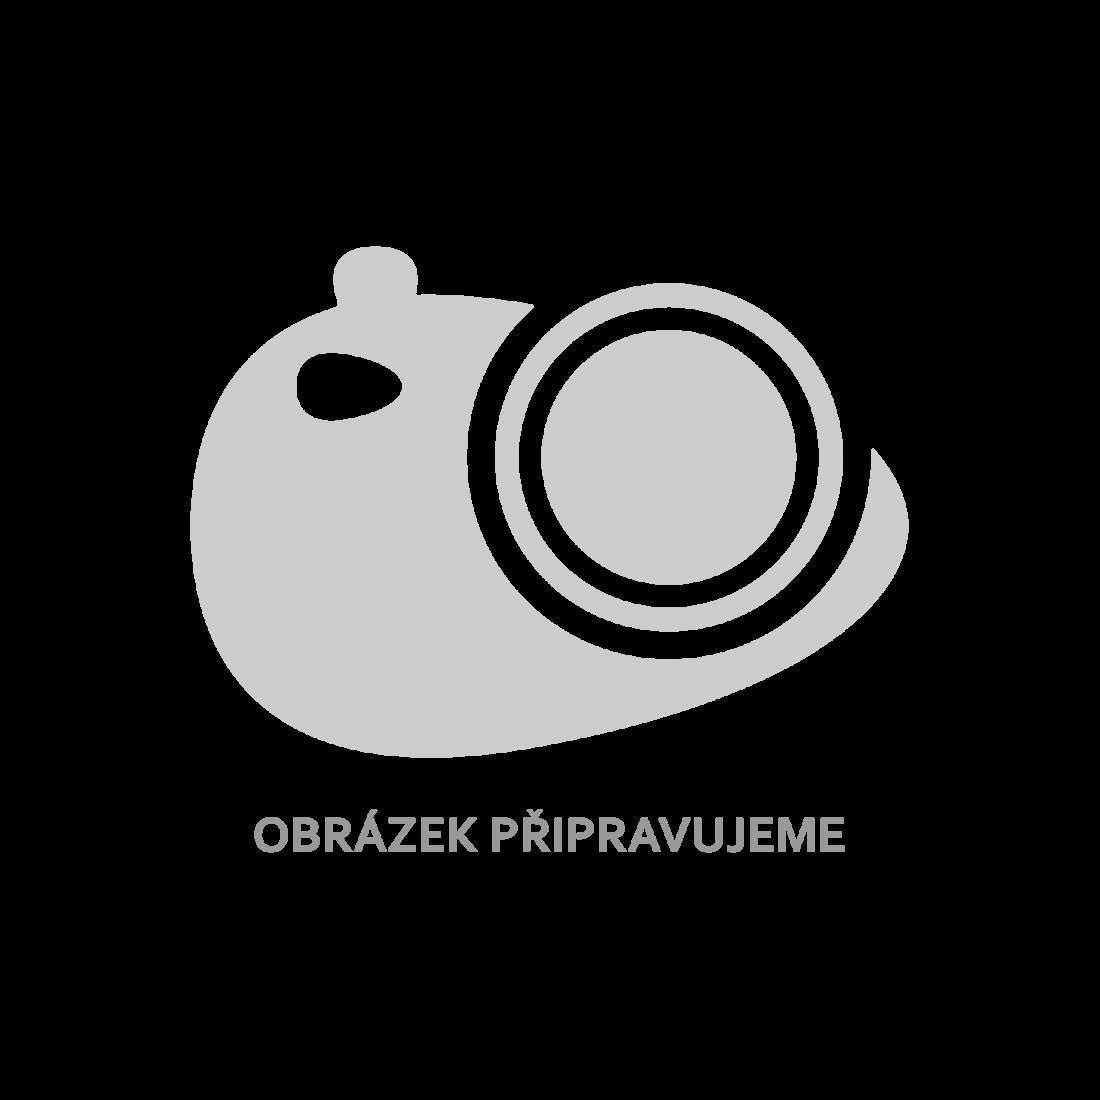 Zatahovací postranní markýza / zástěna, 160x600 cm, krémová